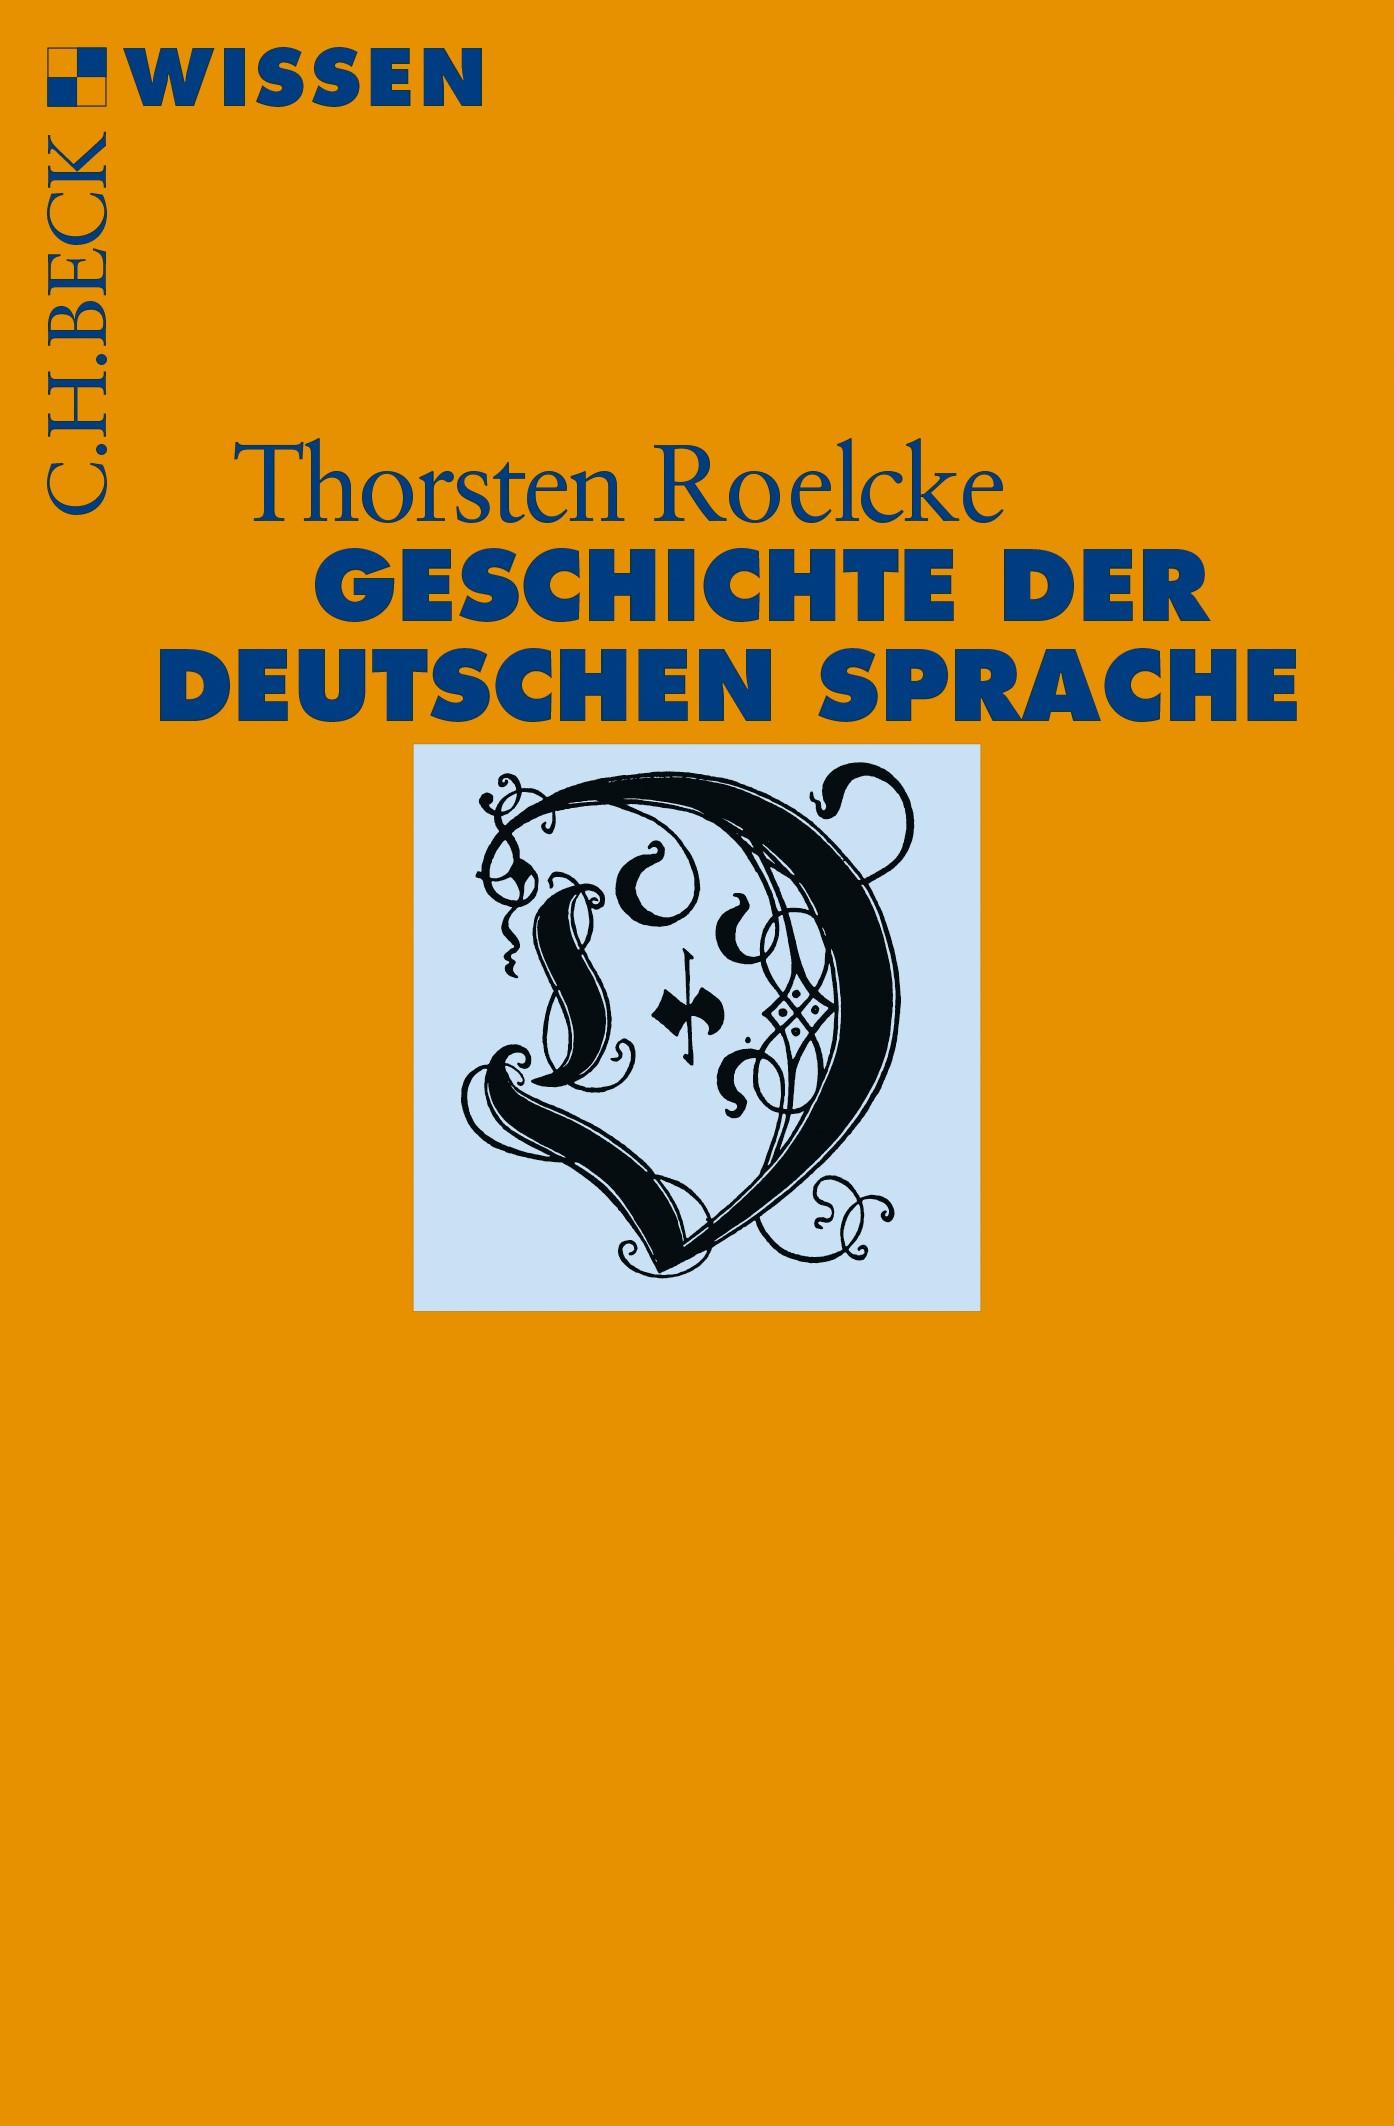 Geschichte der deutschen Sprache | Roelcke, Thorsten | 2., durchgesehene und aktualisierte Auflage, 2018 | Buch (Cover)